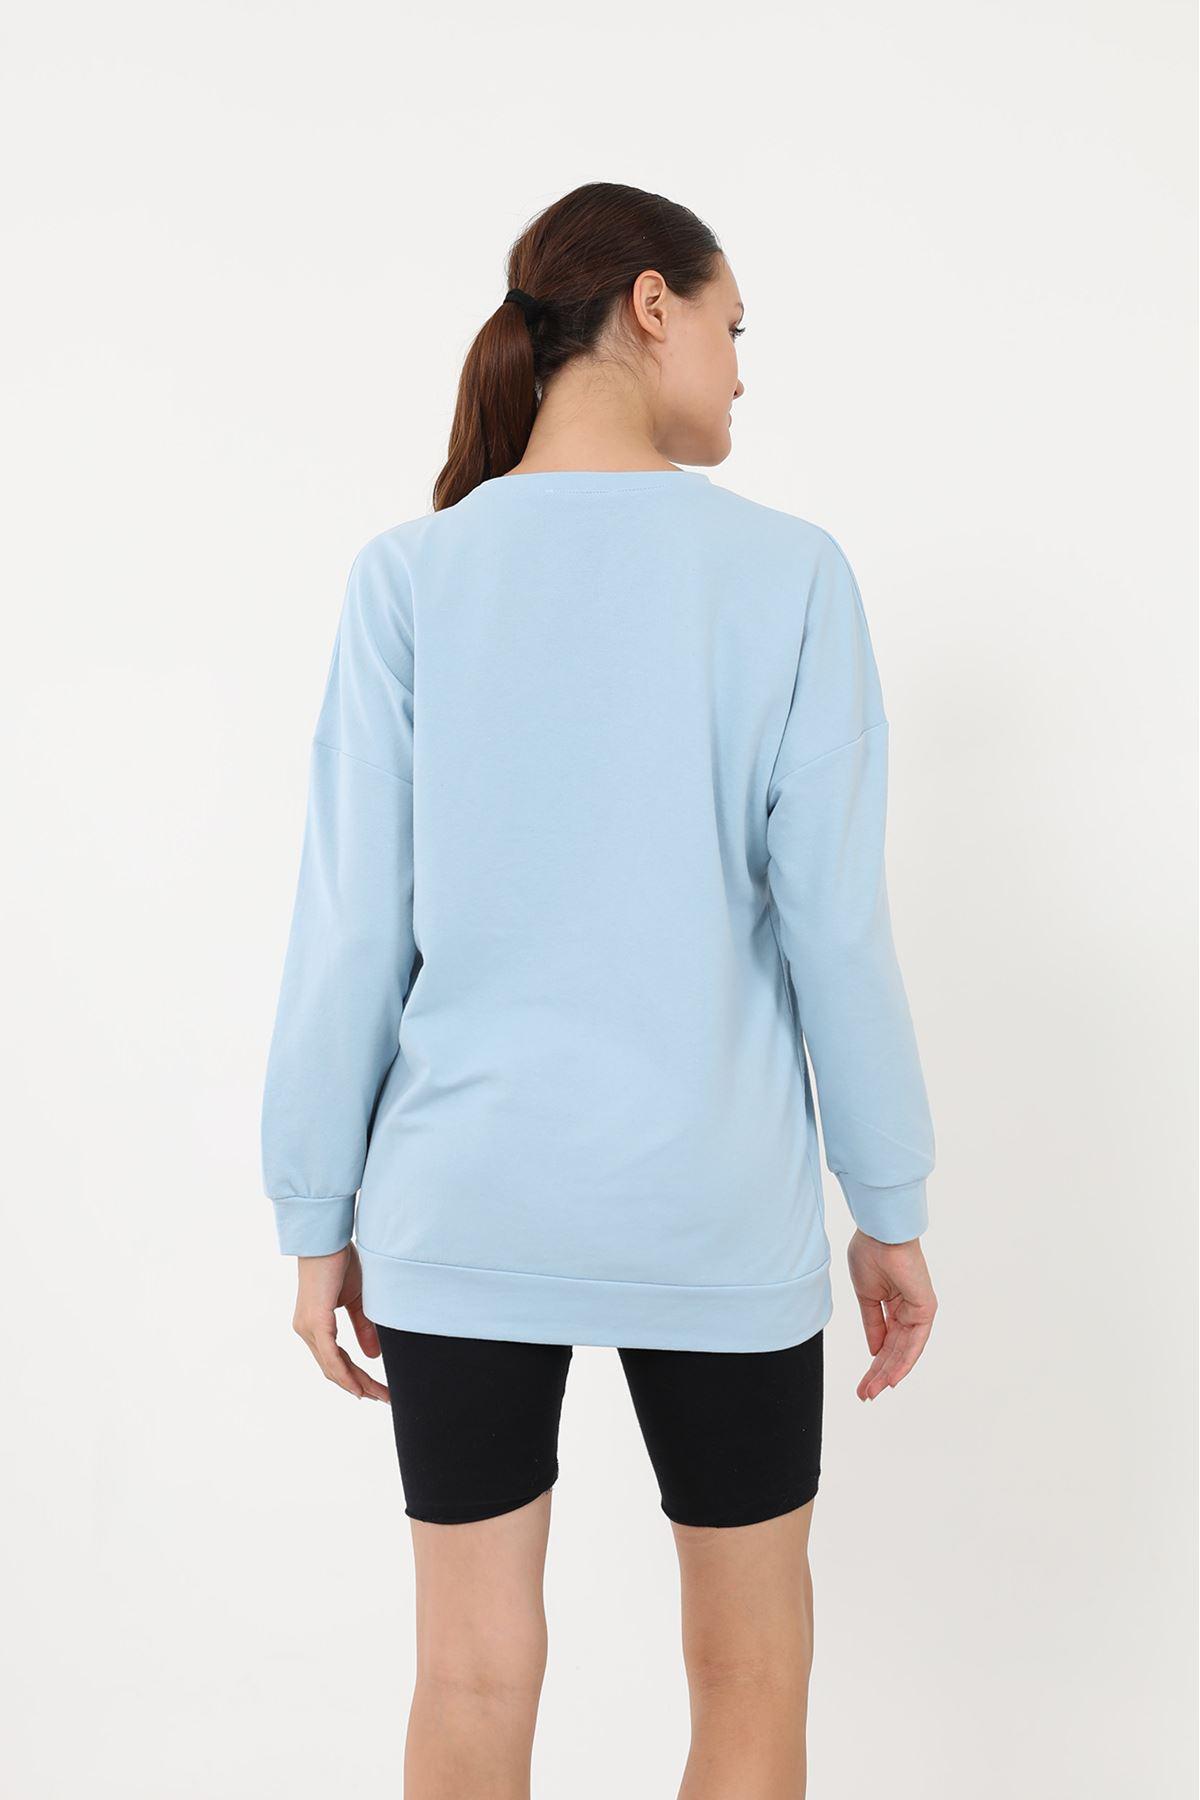 Newyork Baskılı Sweatshirt-Mavi